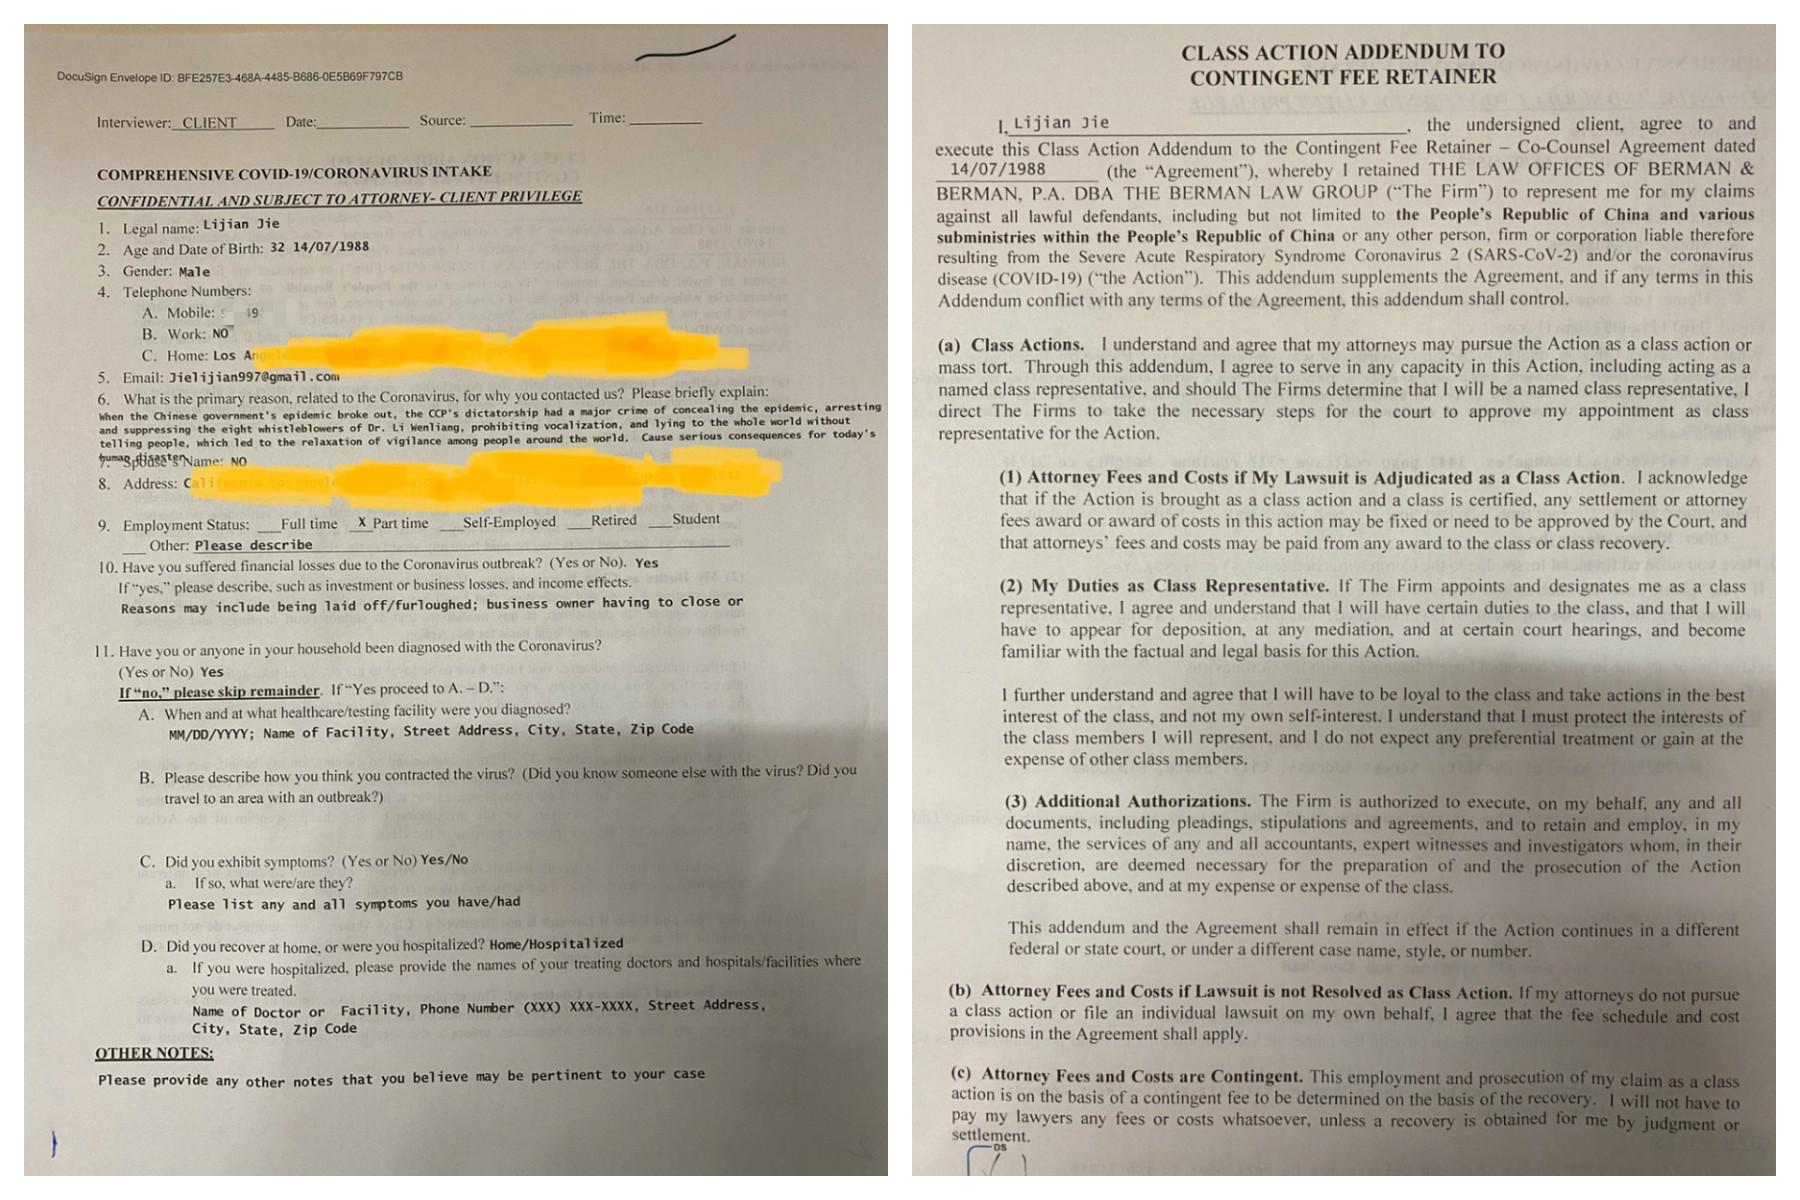 界立建委託伯曼法律團隊起訴中共政府和各機構。(受訪者提供)